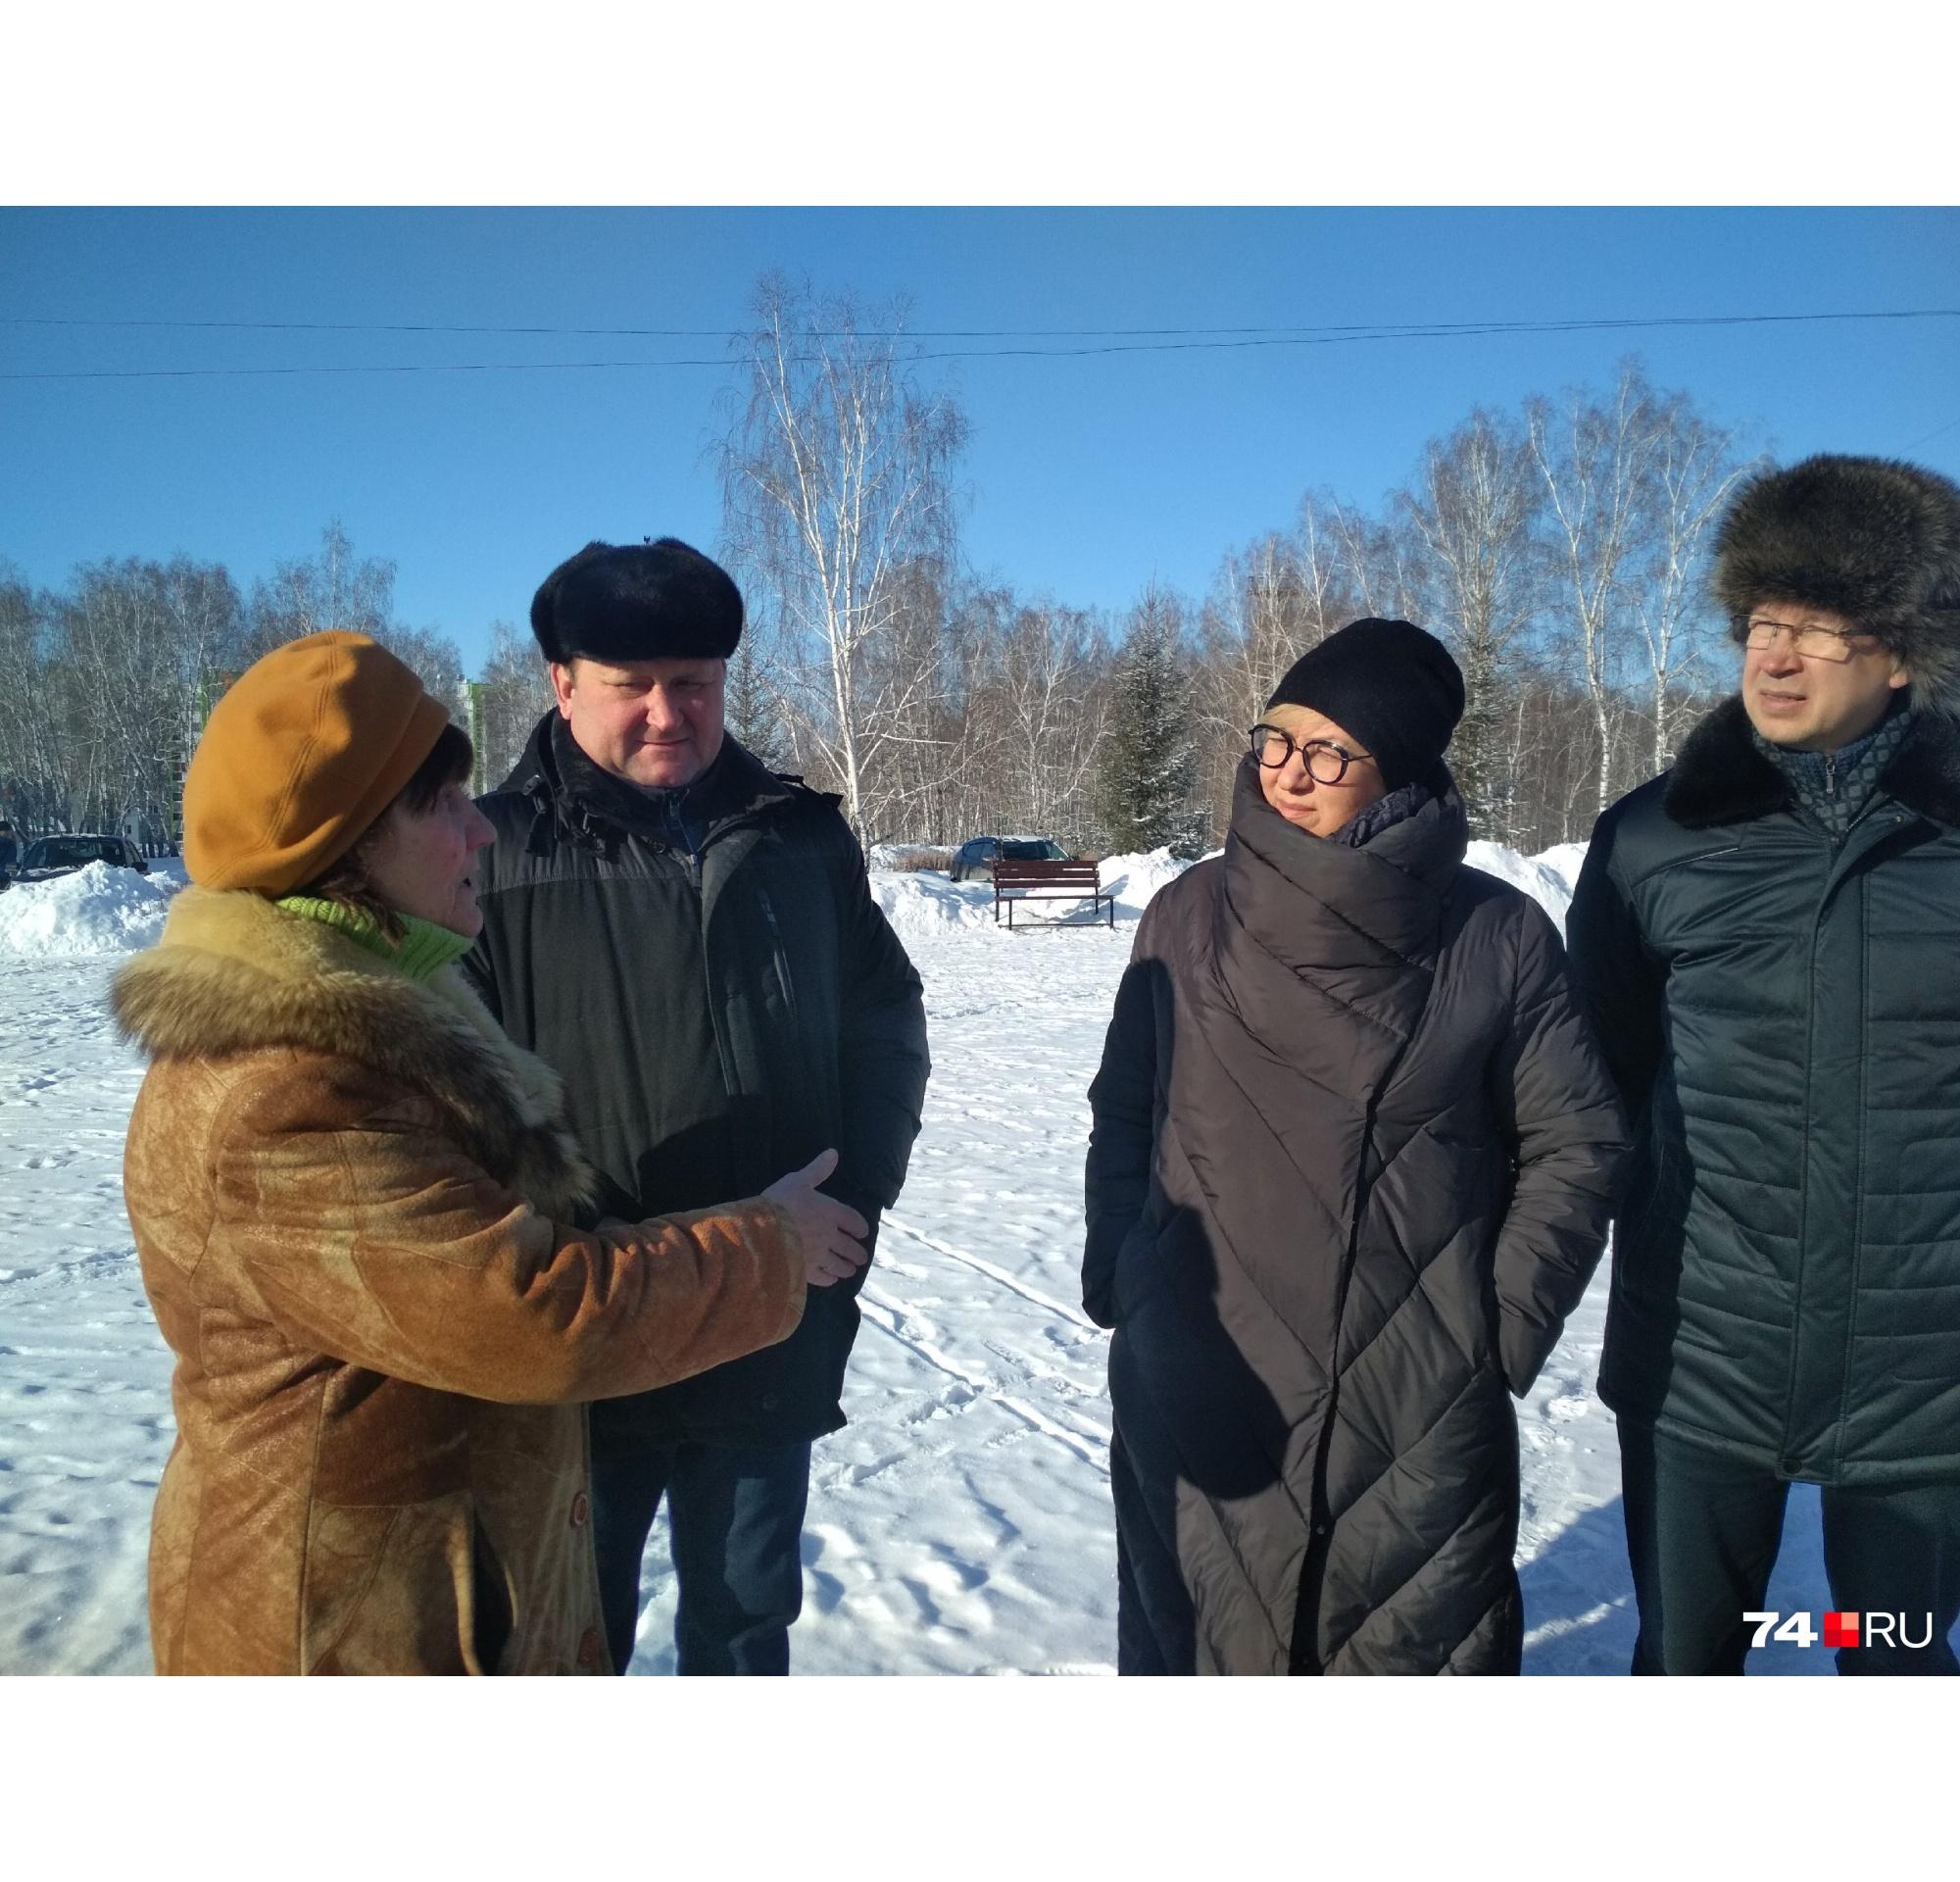 Глава района Евгений Ваганов (слева) прибыл практически к началу стихийного митинга